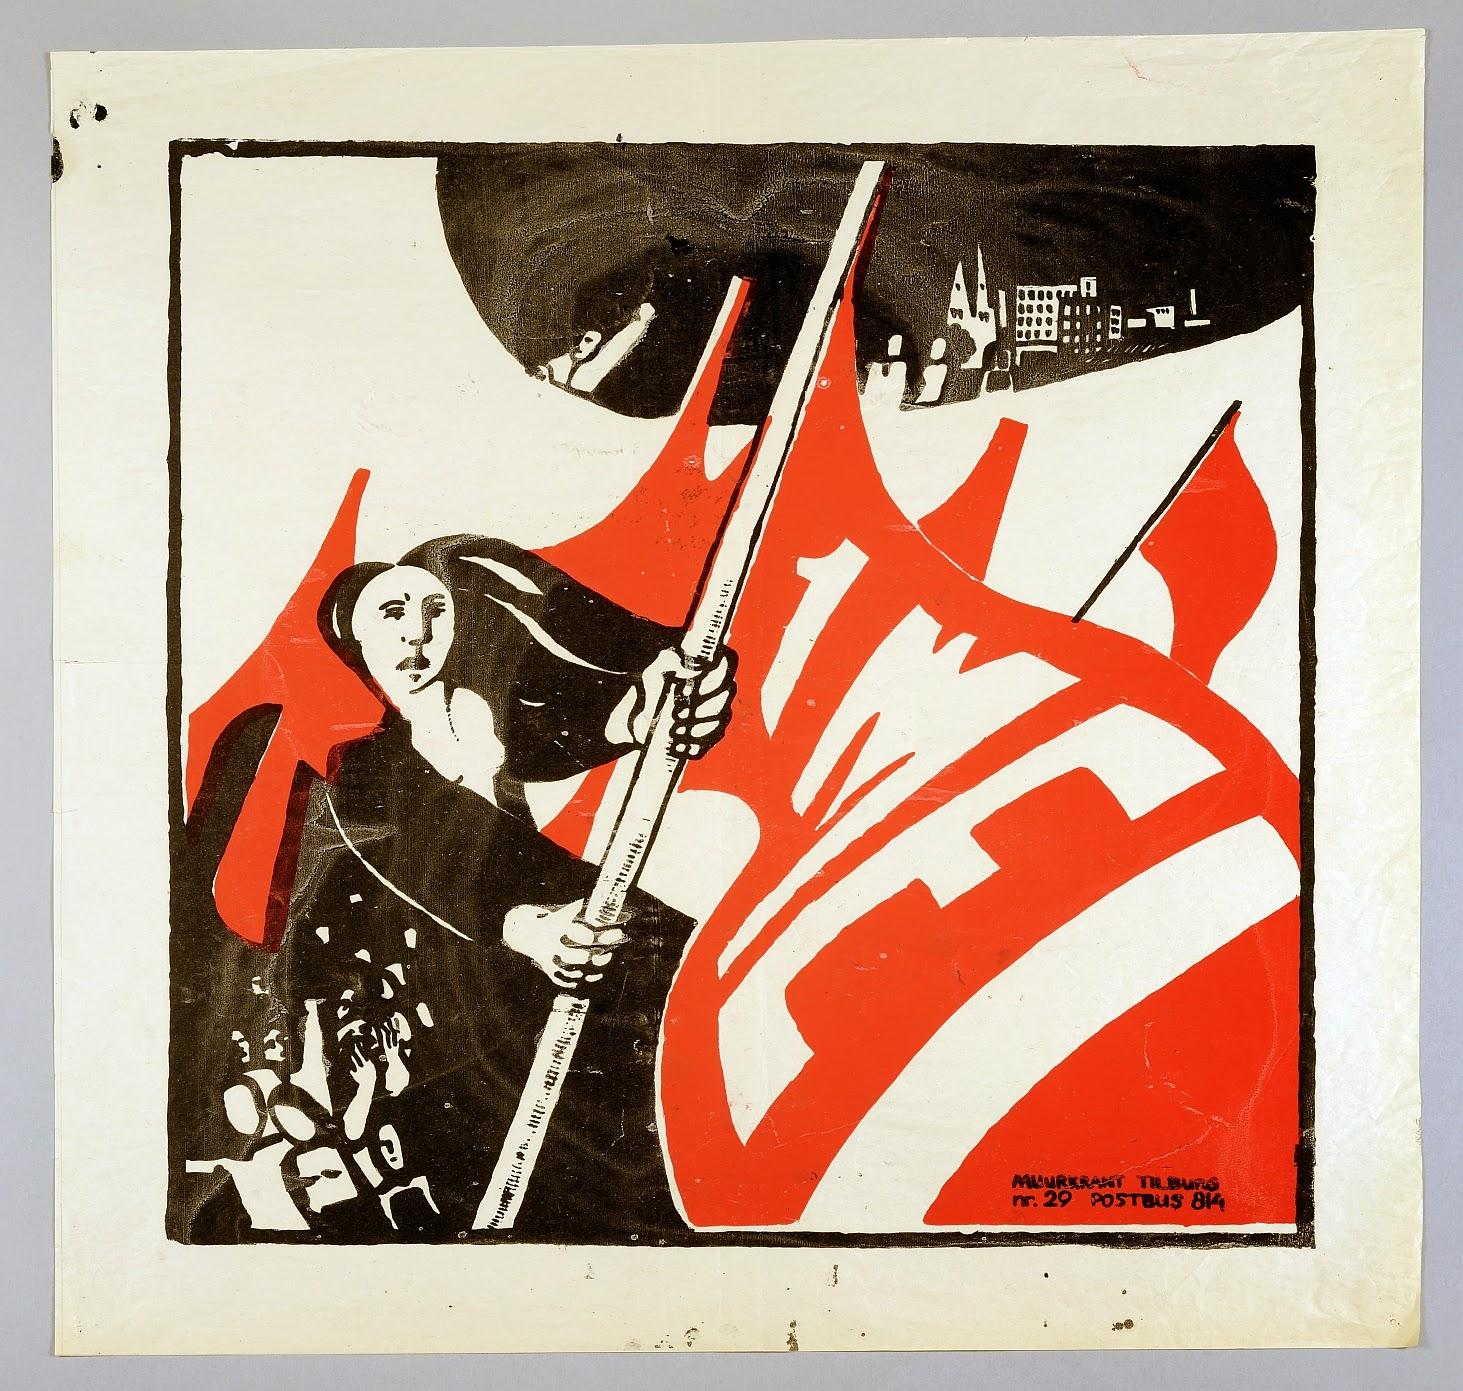 Verbazingwekkend Geen censuur op de muur! De muurkrant in Tilburg 1978-1995 GC-34